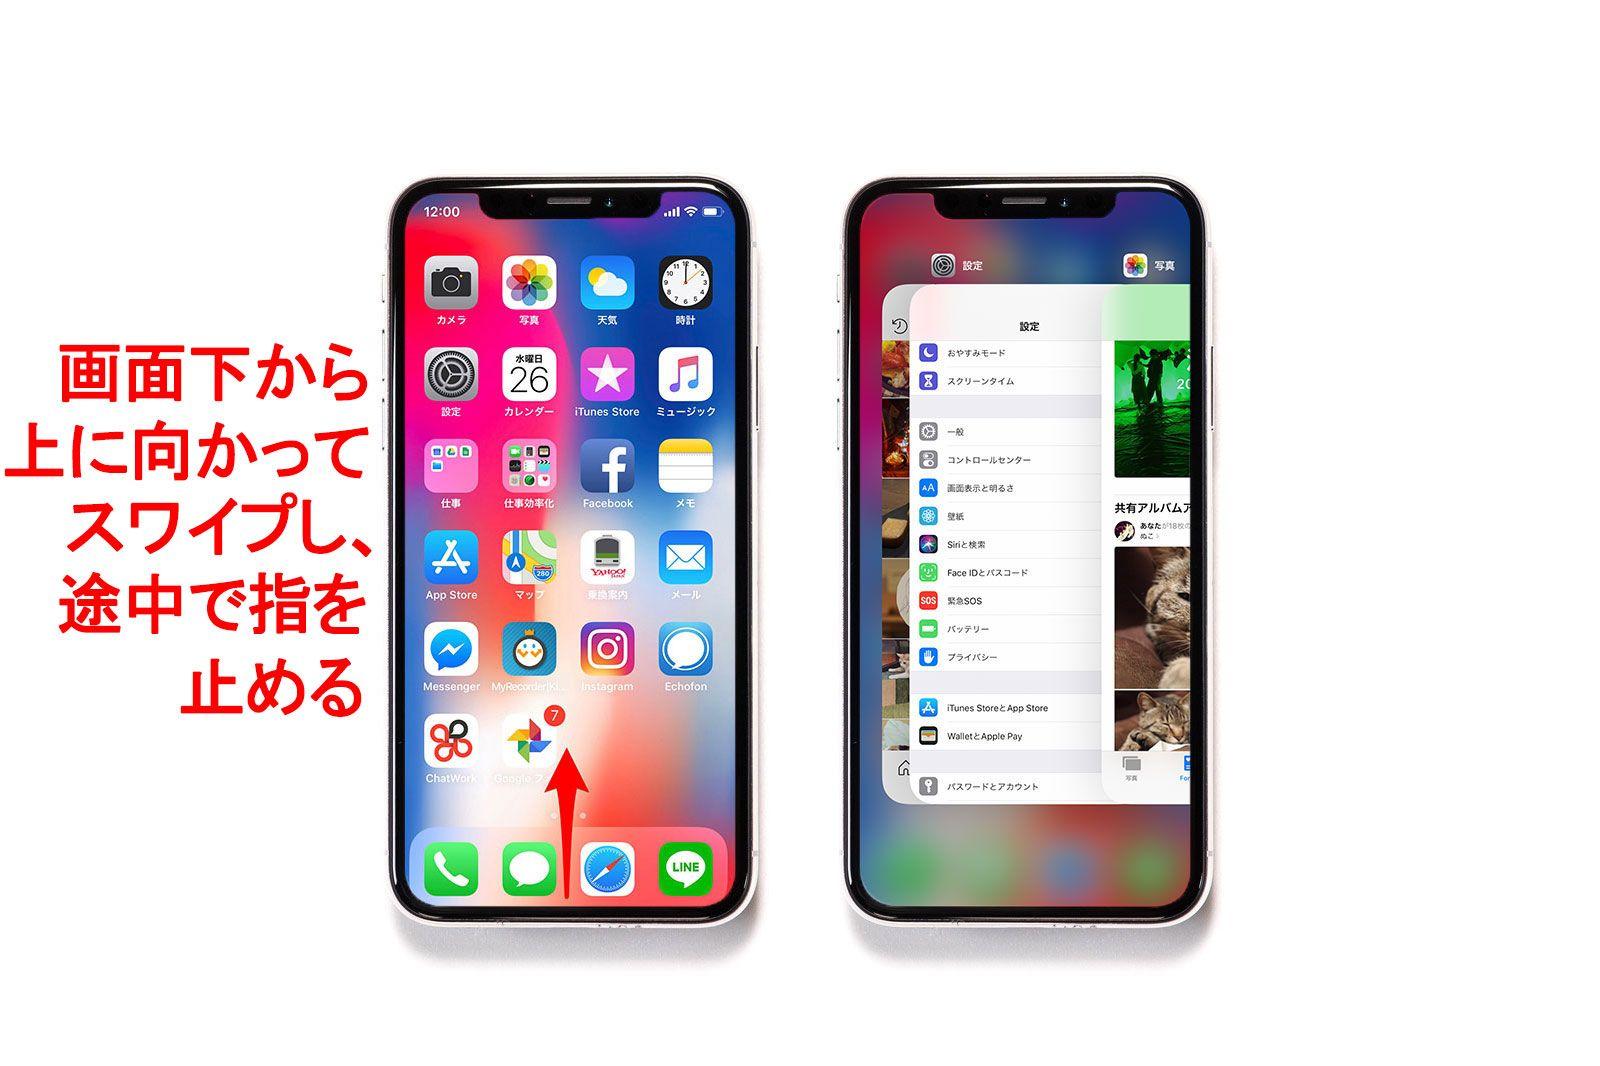 iPhone Xシリーズ マルチタスク画面